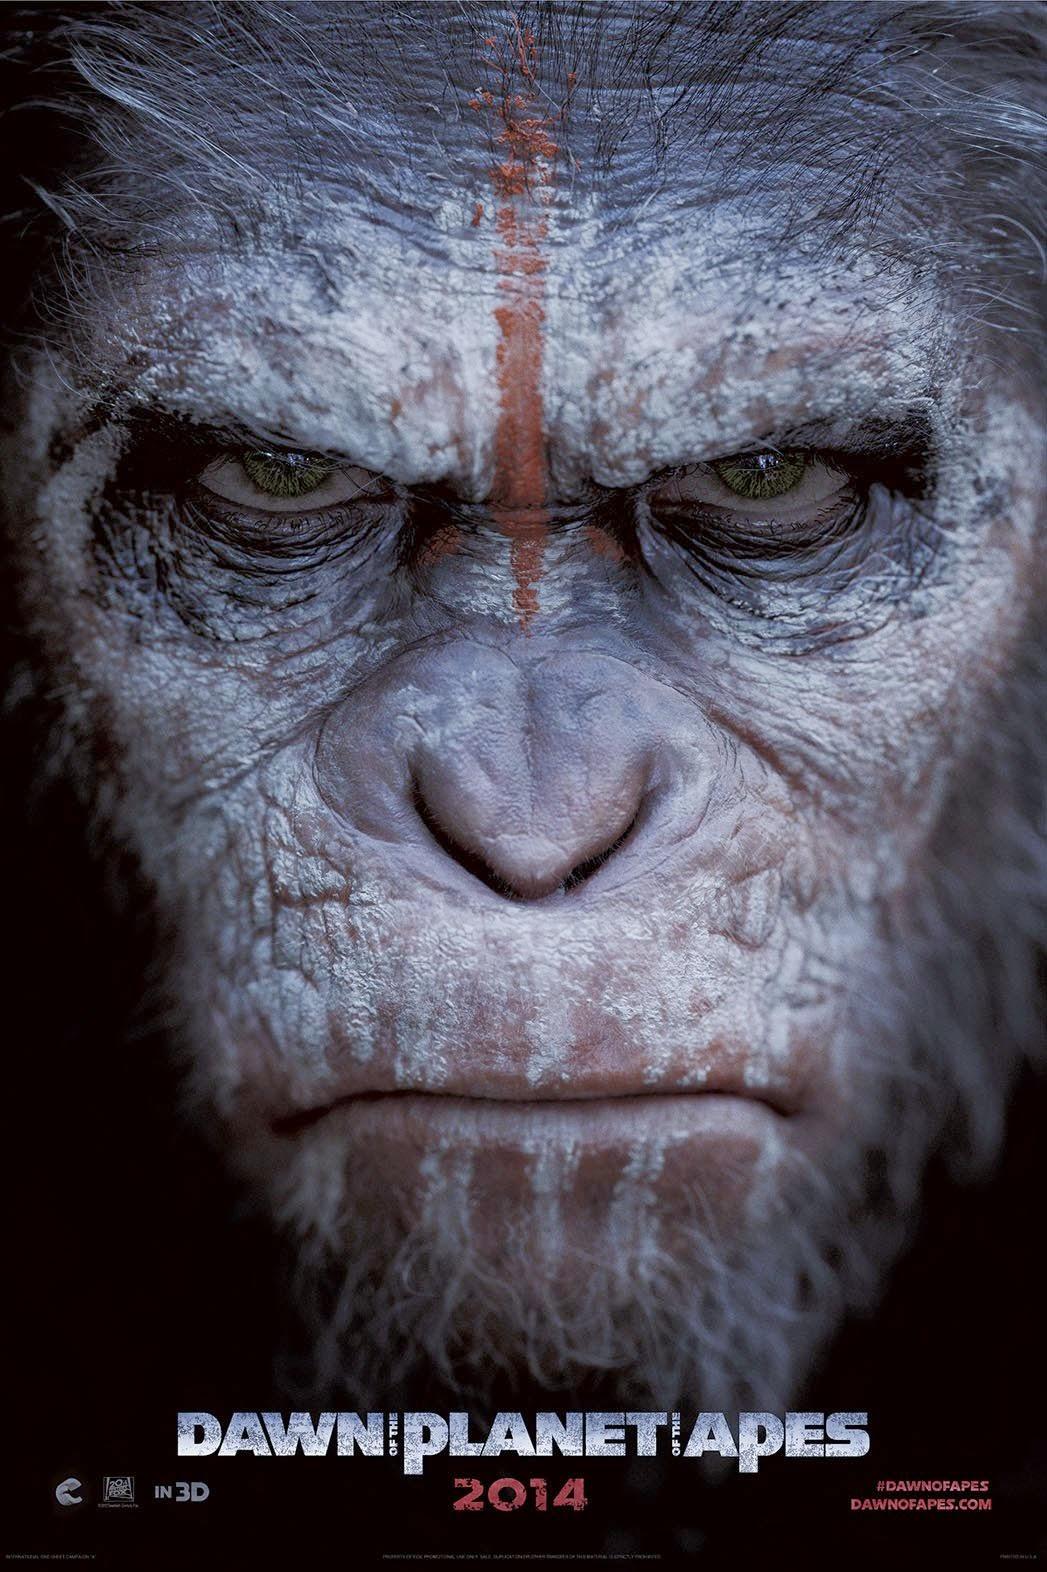 Ewolucja planety małp (2014)